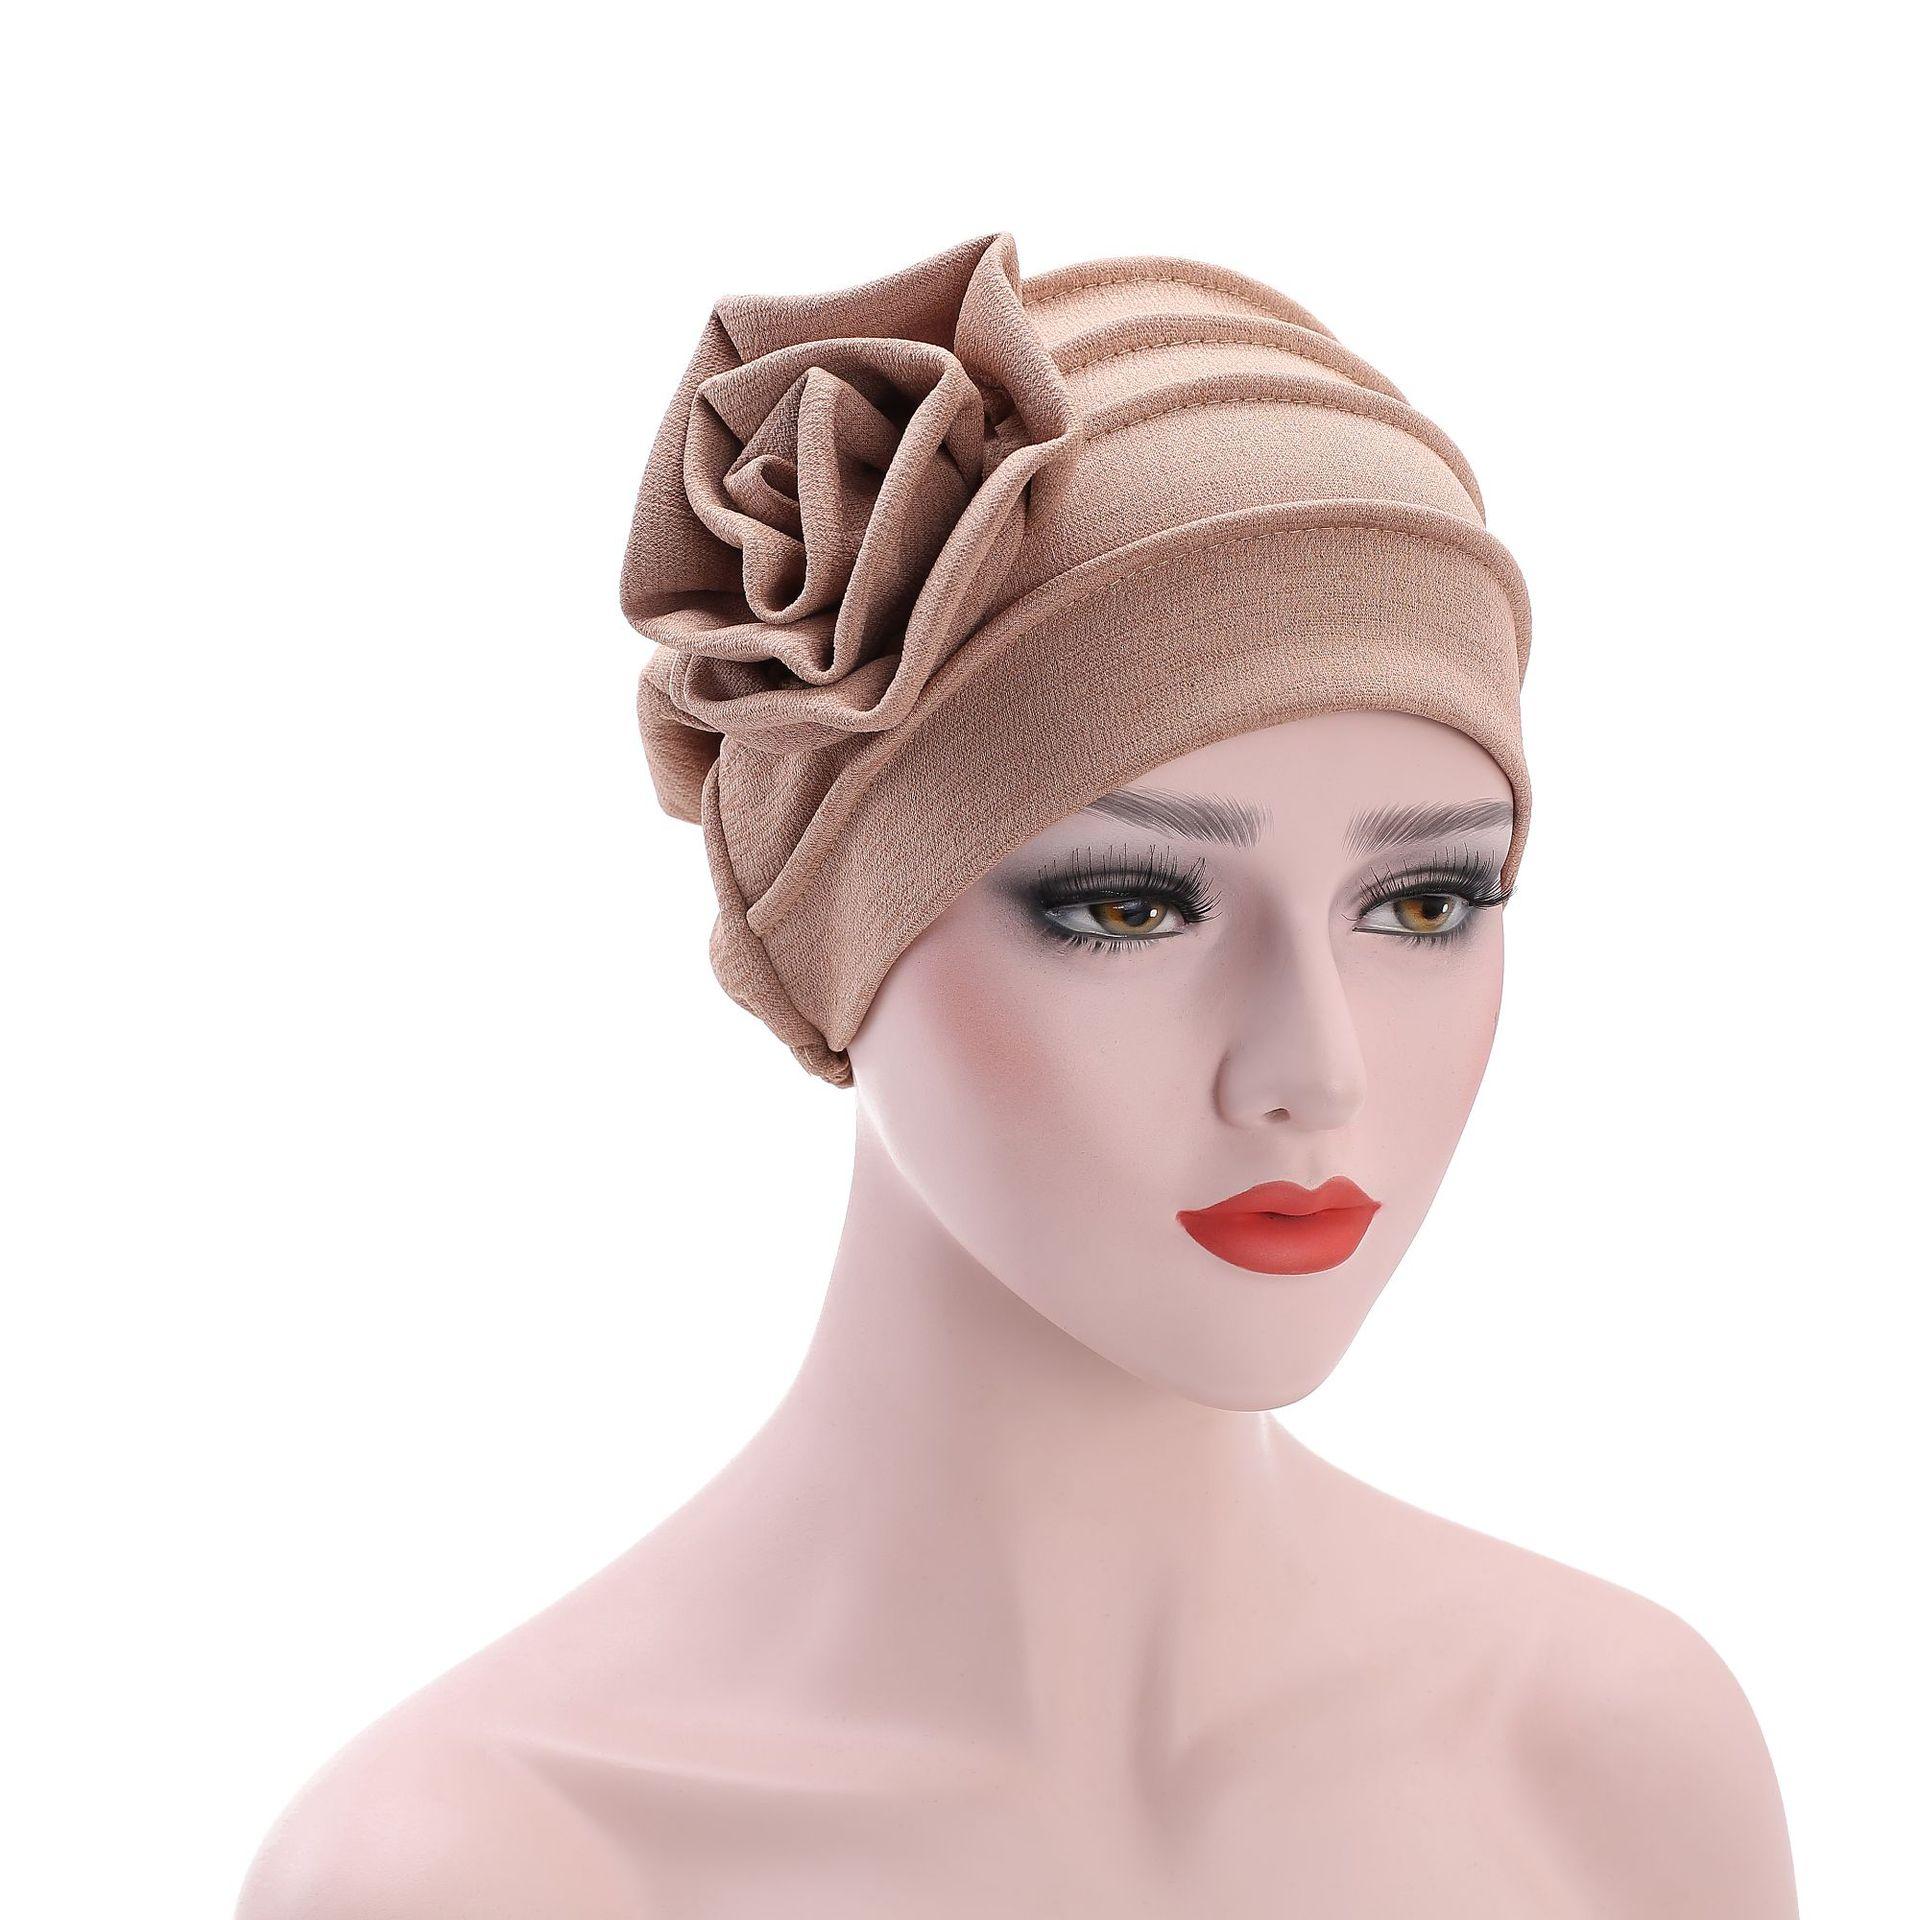 [해외]6 색 여성 사이드 플라워 헤드웨어 헤드 랩 아프리카 헤드 랩 트위스트 헤어 밴드 터 반 반다나 붕대 히 자브 액세서리 인도 모자/6 Color Women Side Flower Headwear Headwrap African Head wrap Twist Hair